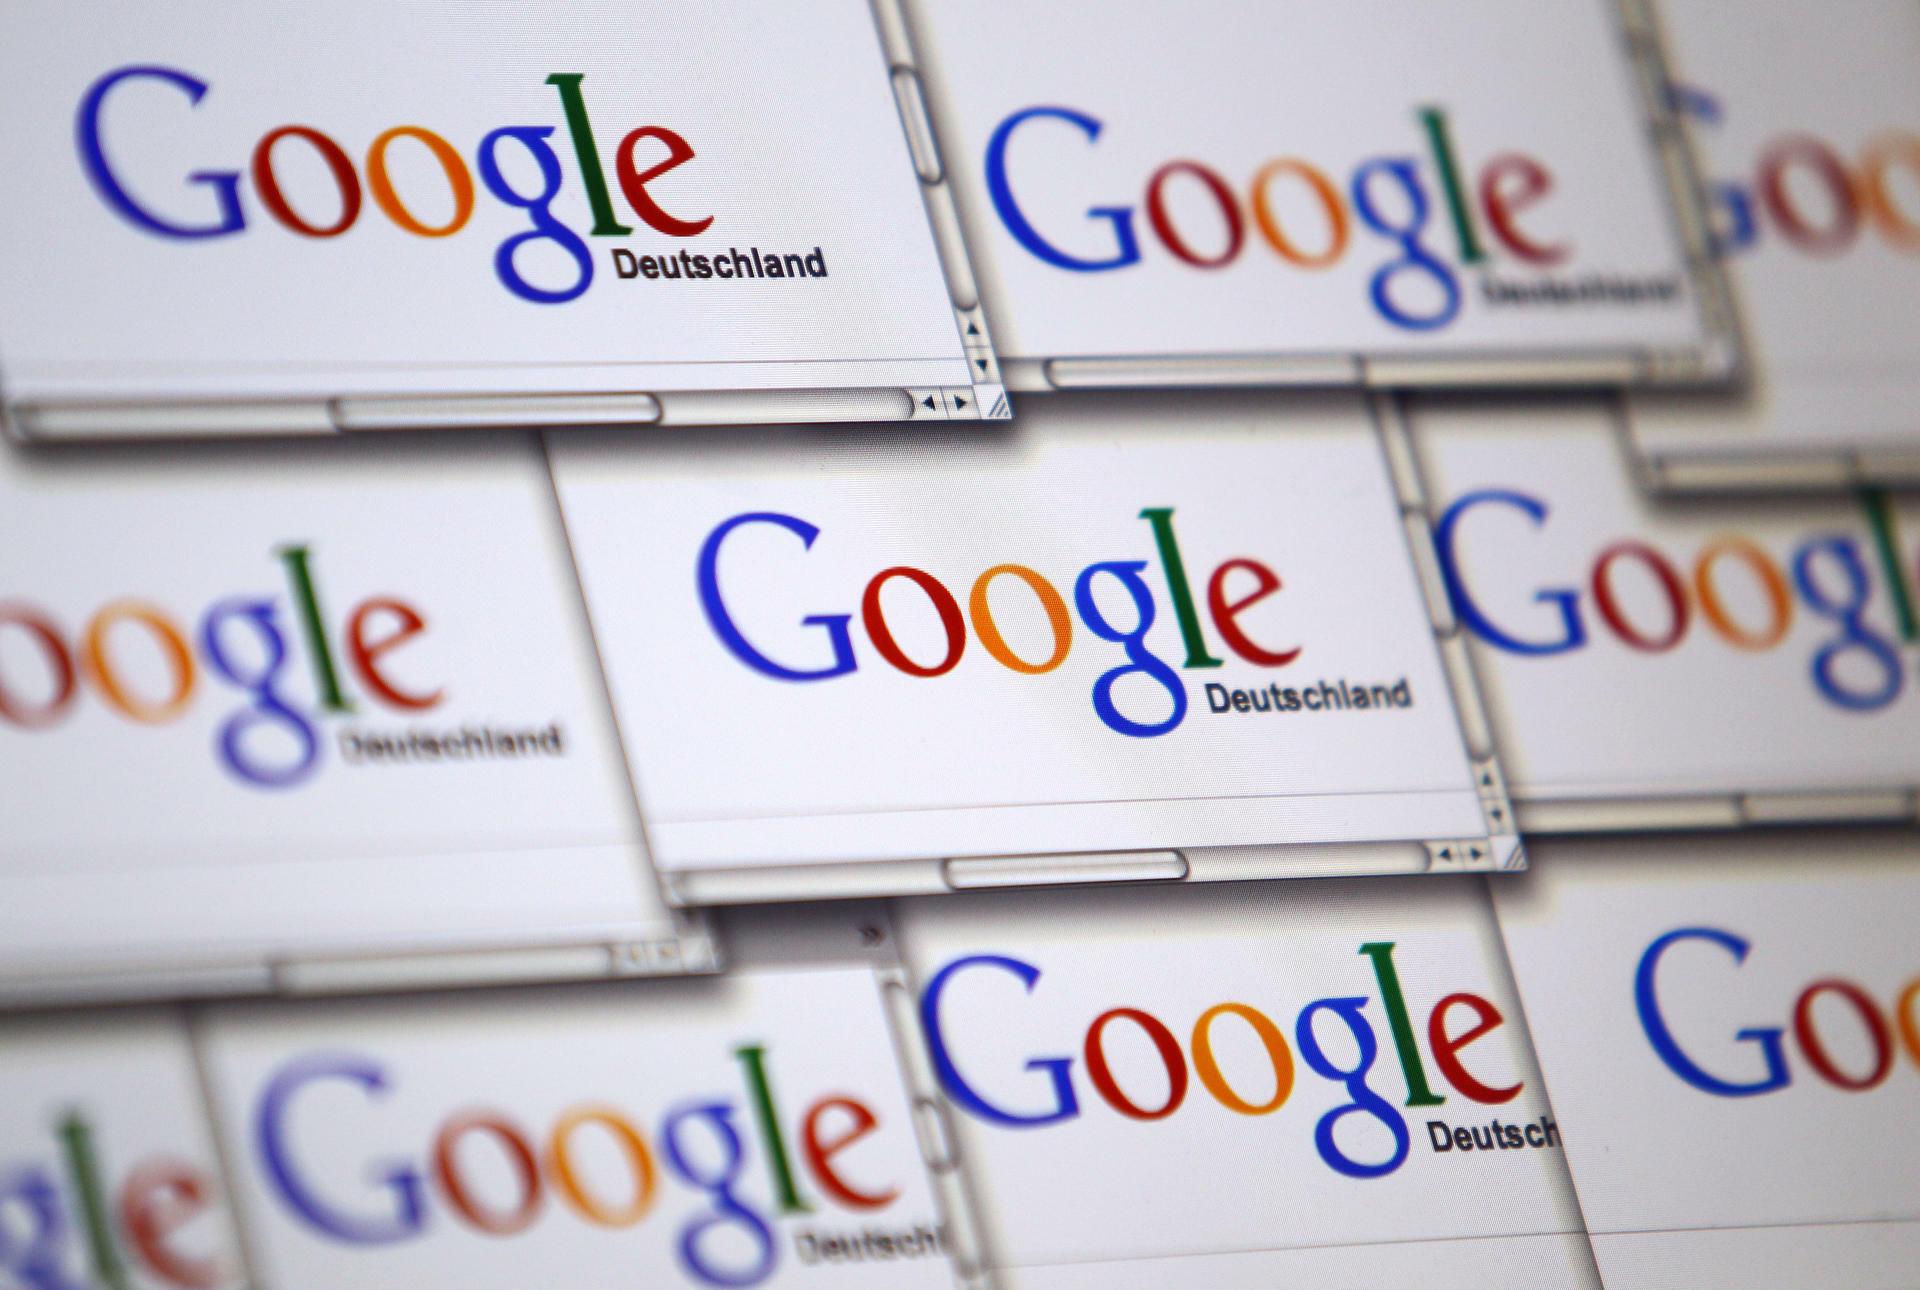 Verlage Vs Google Gericht Könnte Letzte Entscheidung Dem Eugh